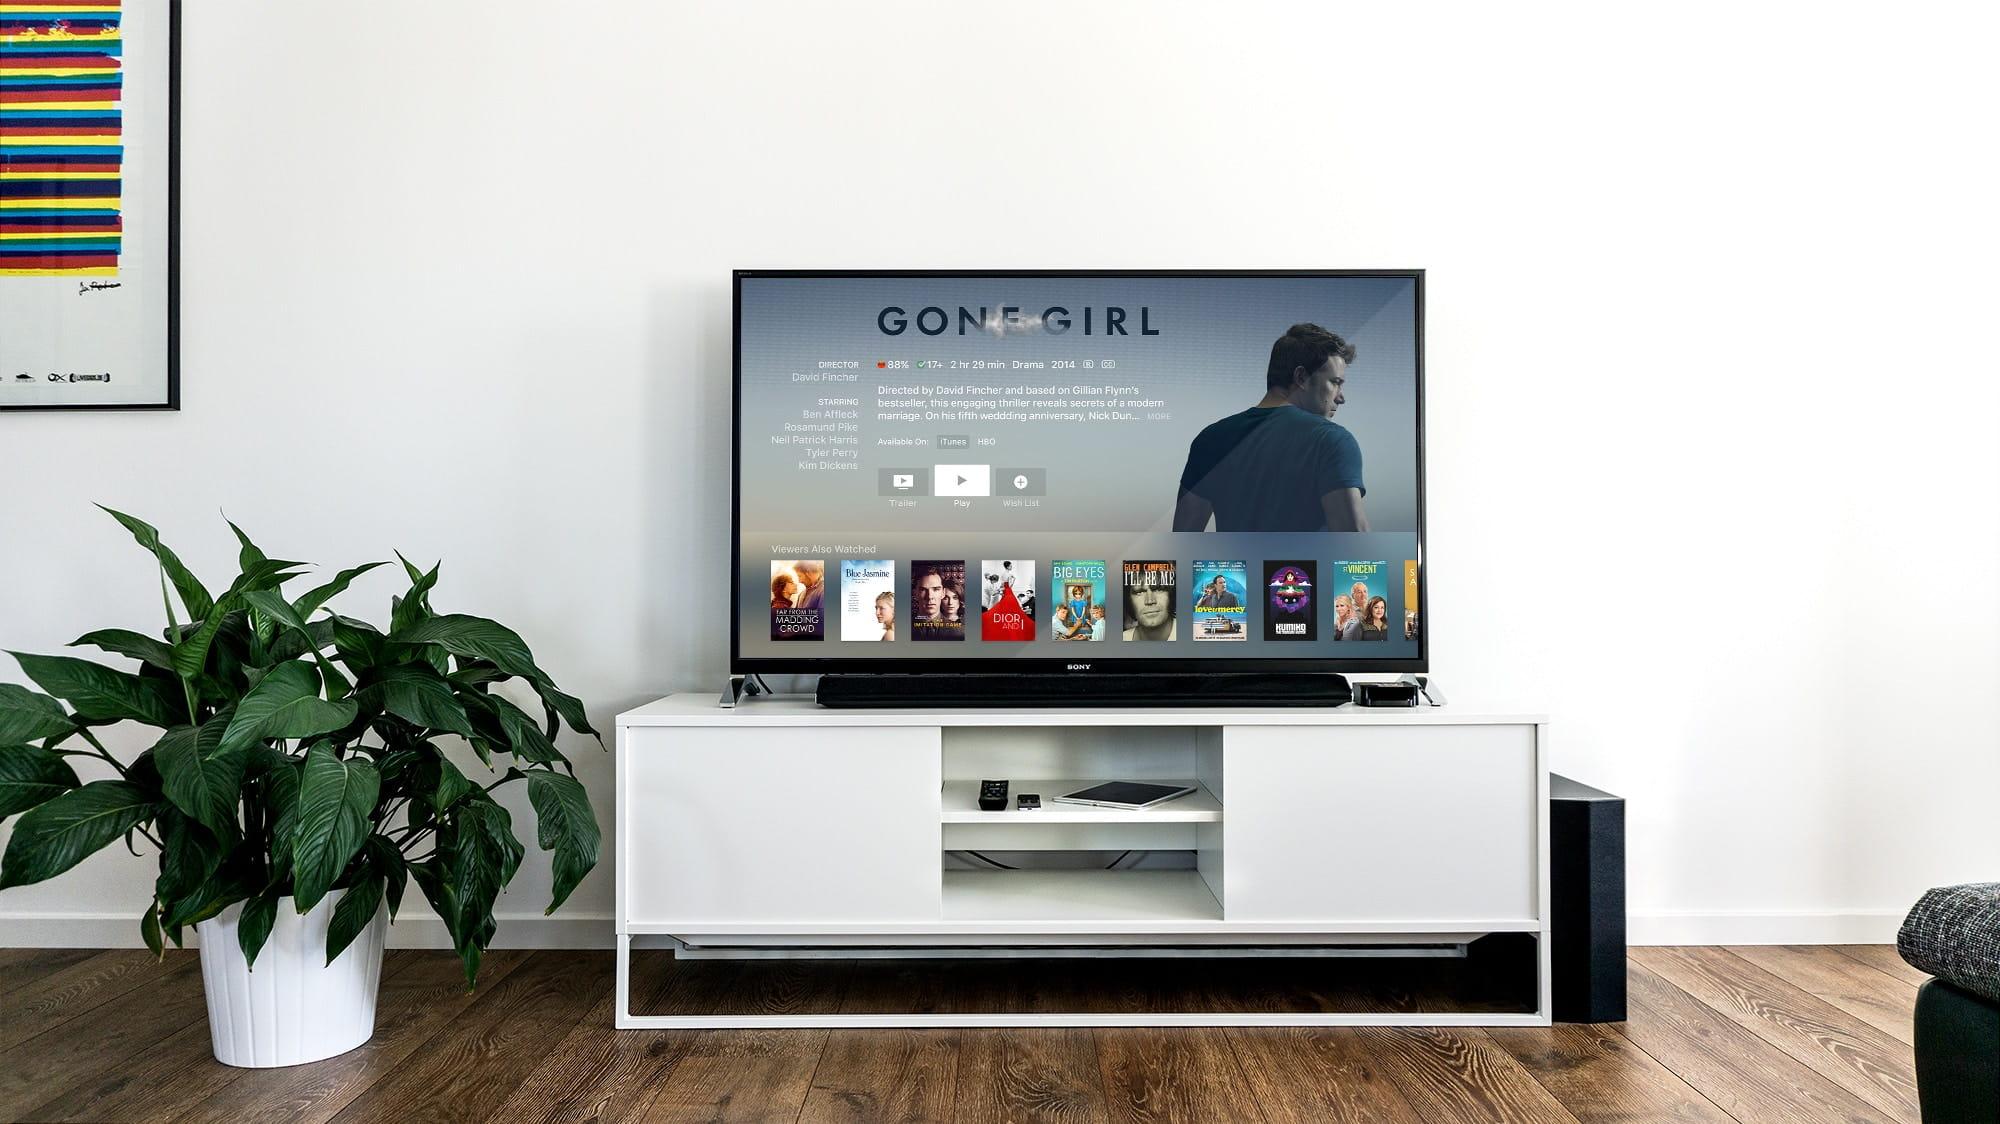 Synkronoitu hakumarkkinointi vahvistaa televisiokampanjoiden vaikutusta